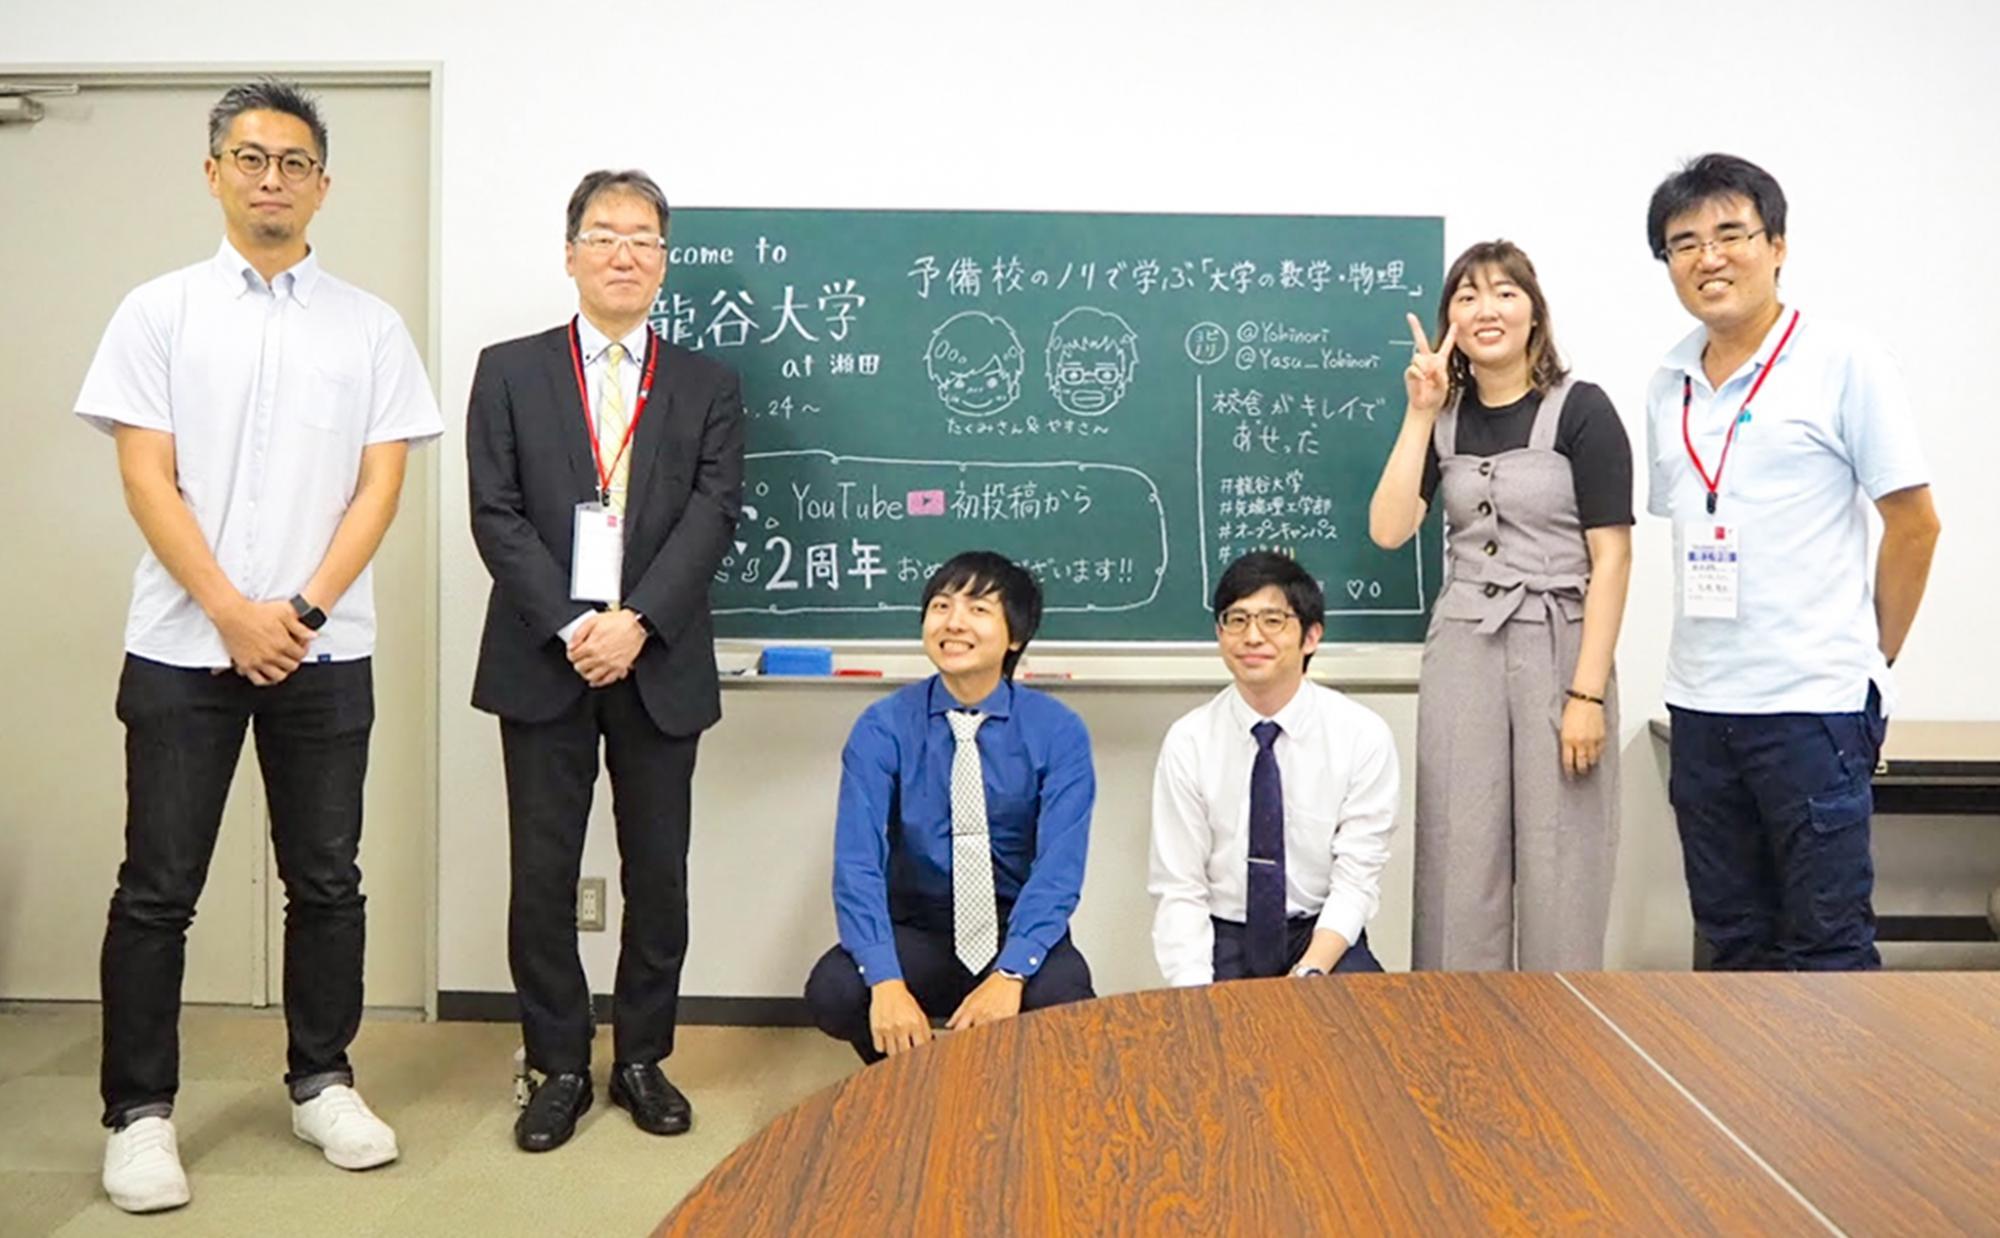 予備校 の ノリ で 学ぶ 大学 の 数学 物理